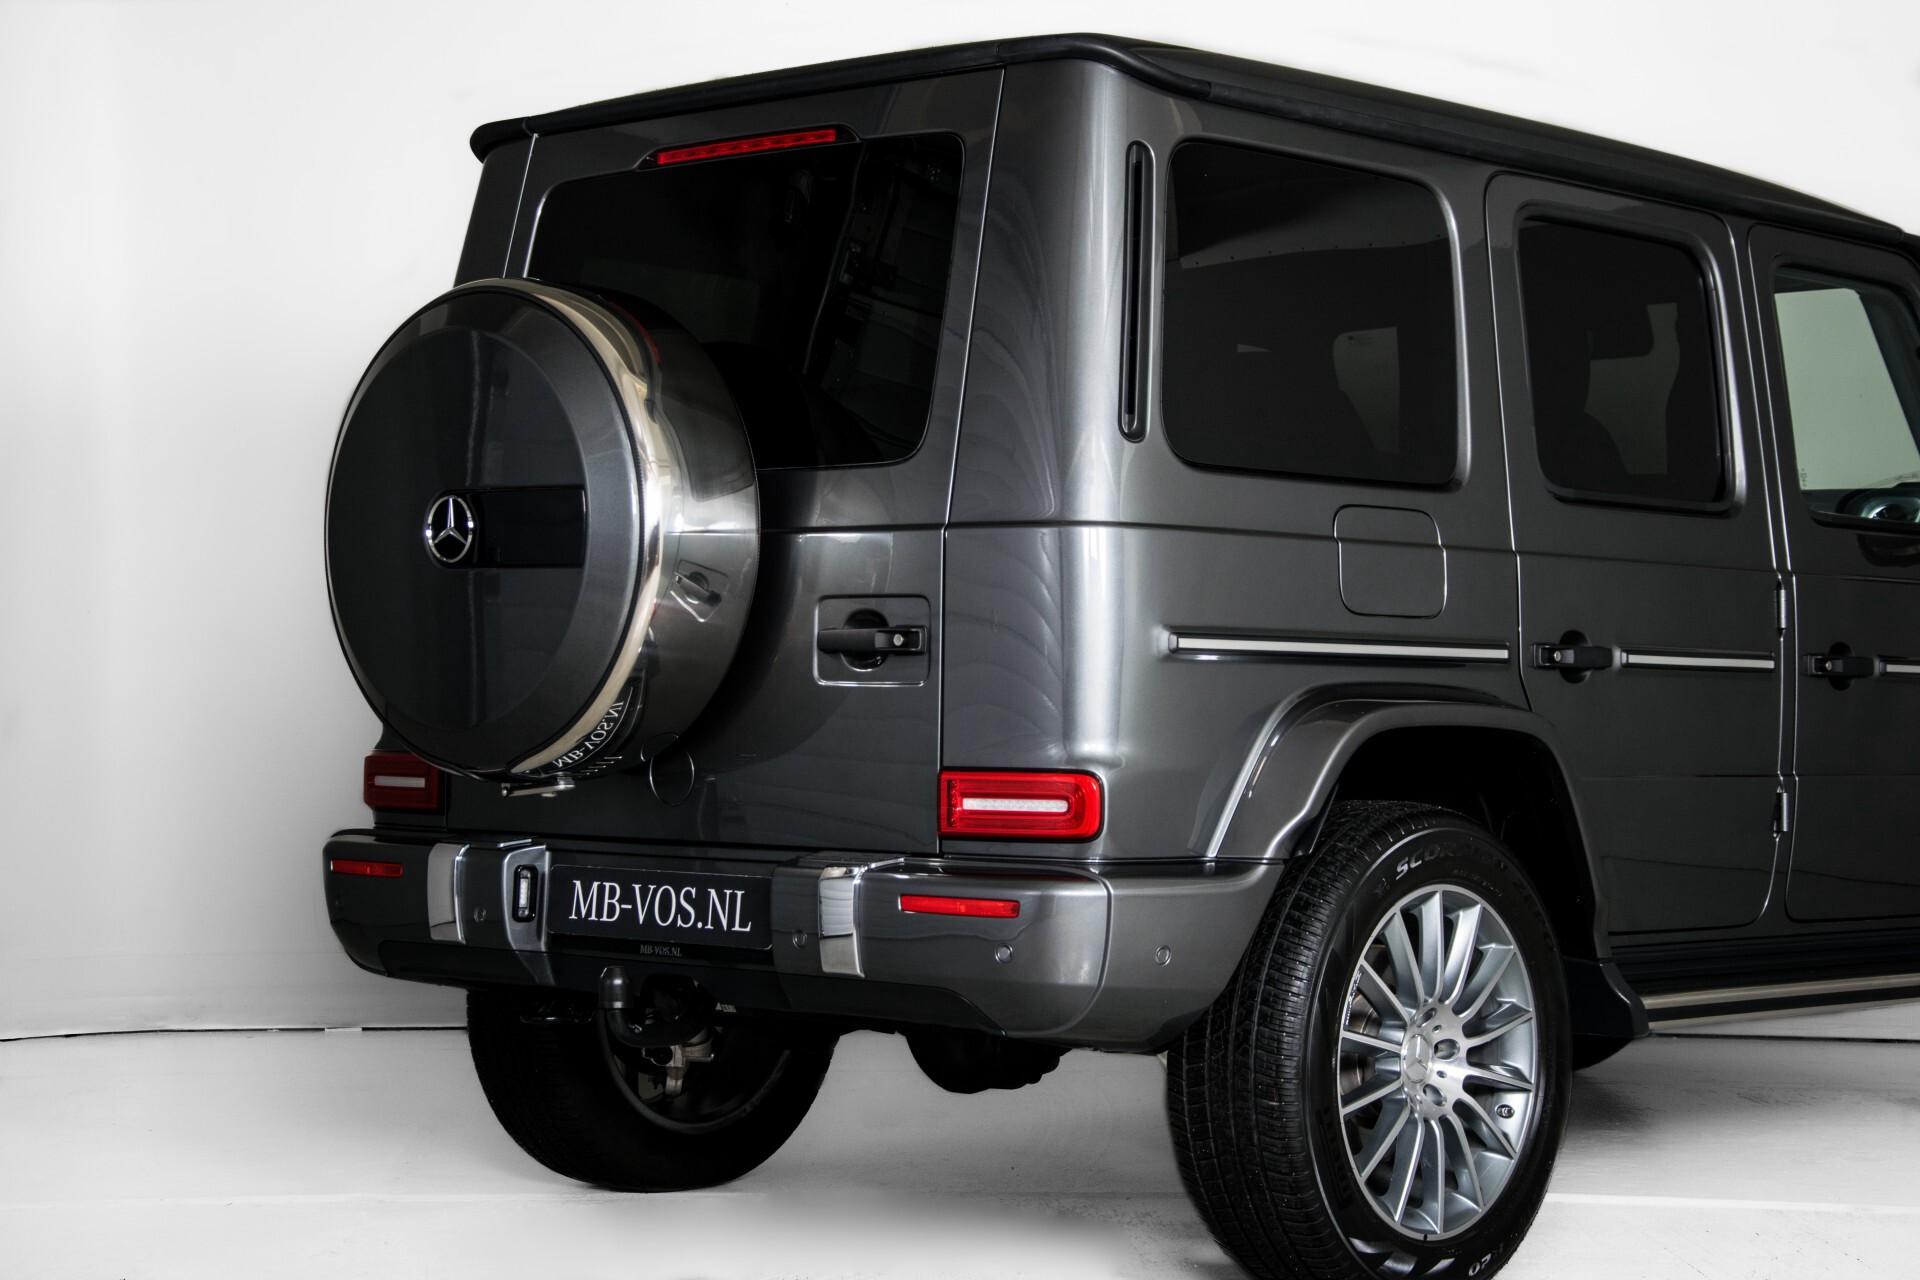 Mercedes-Benz G-Klasse 500 AMG Massage/Entertainment/Manufaktur/Standkachel/Distronic/RVS Aut9 Foto 57